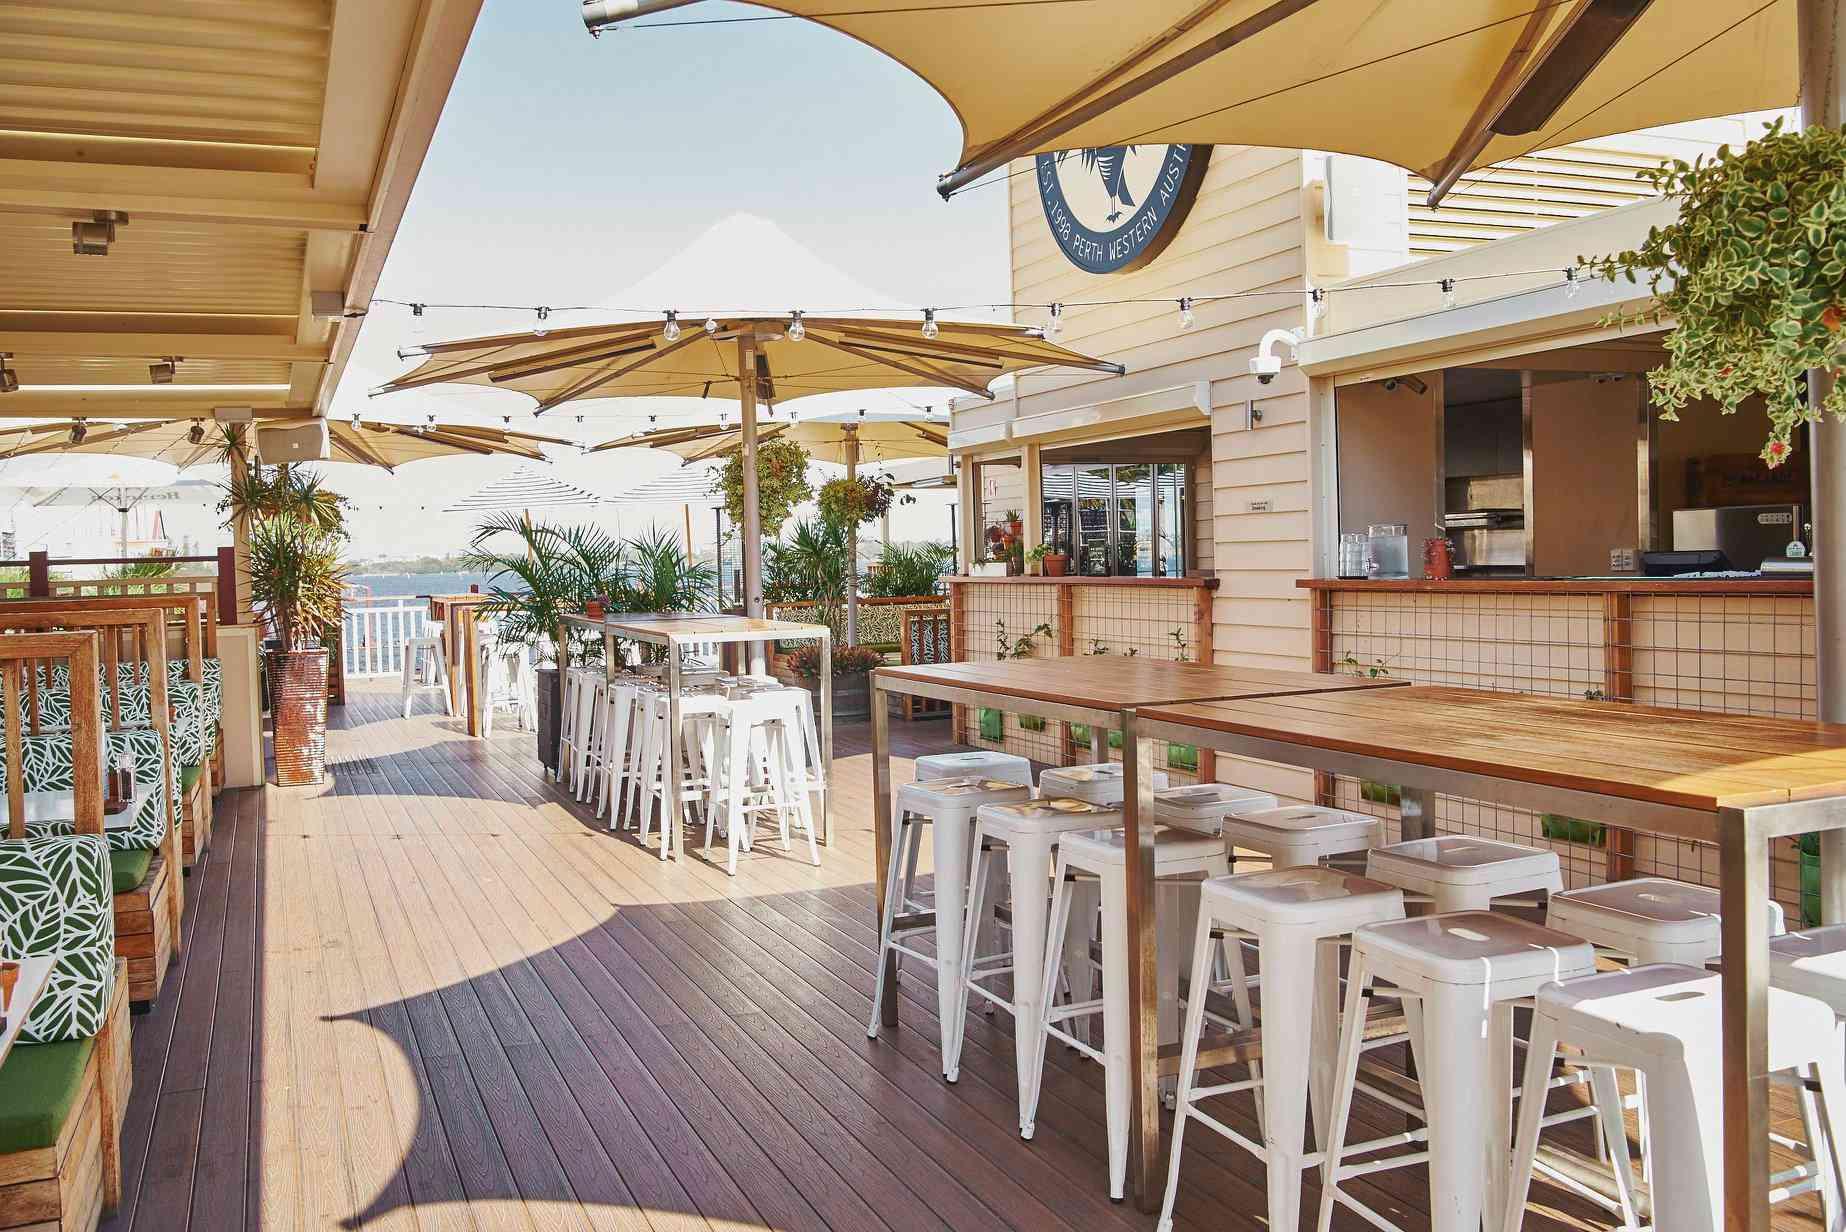 The Lucky Shag rooftop bar